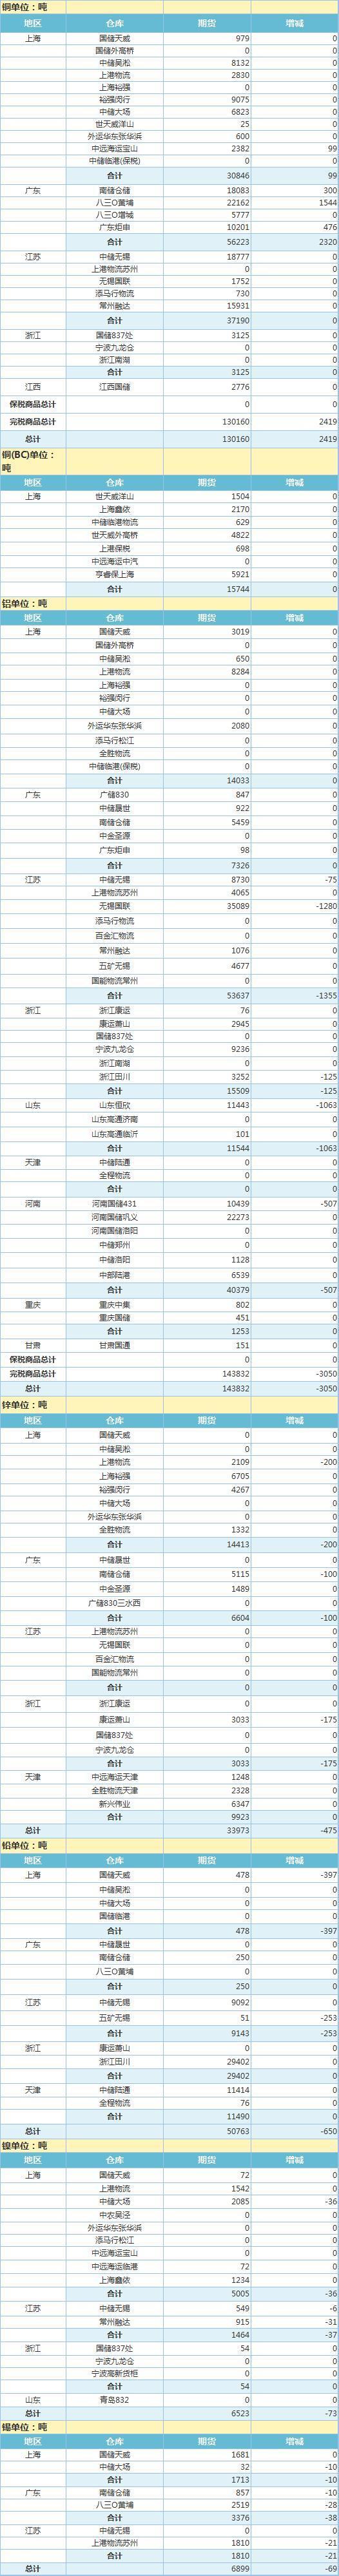 4月28日上海期 货交 易所金属库存日报